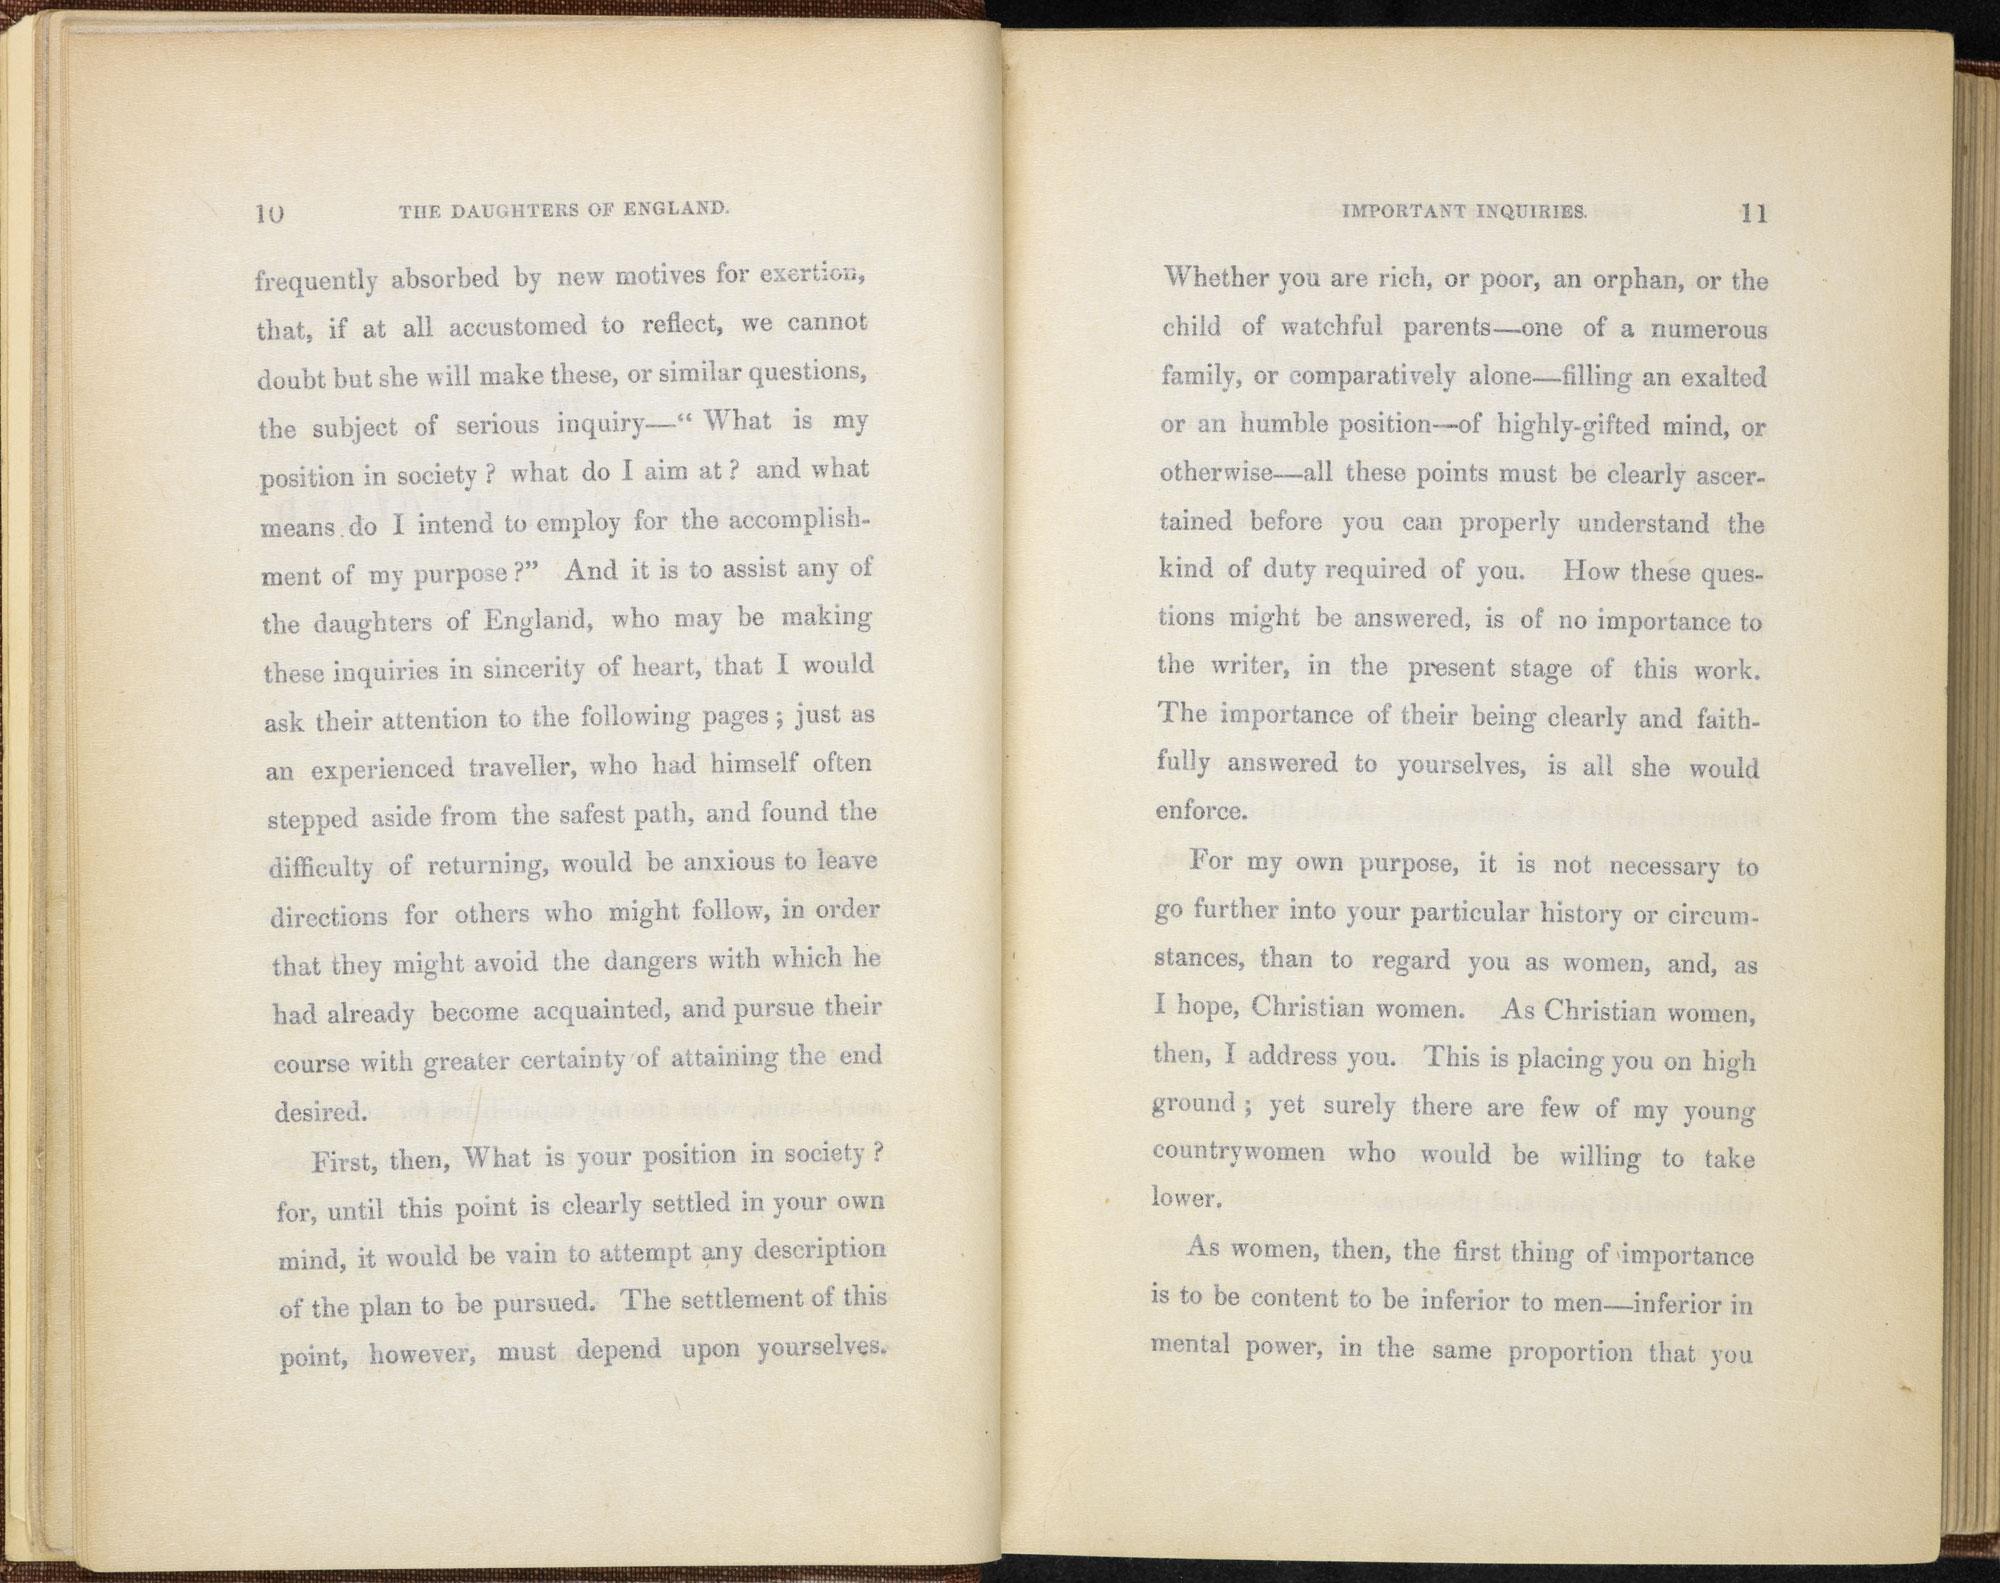 victorian attitudes to marriage